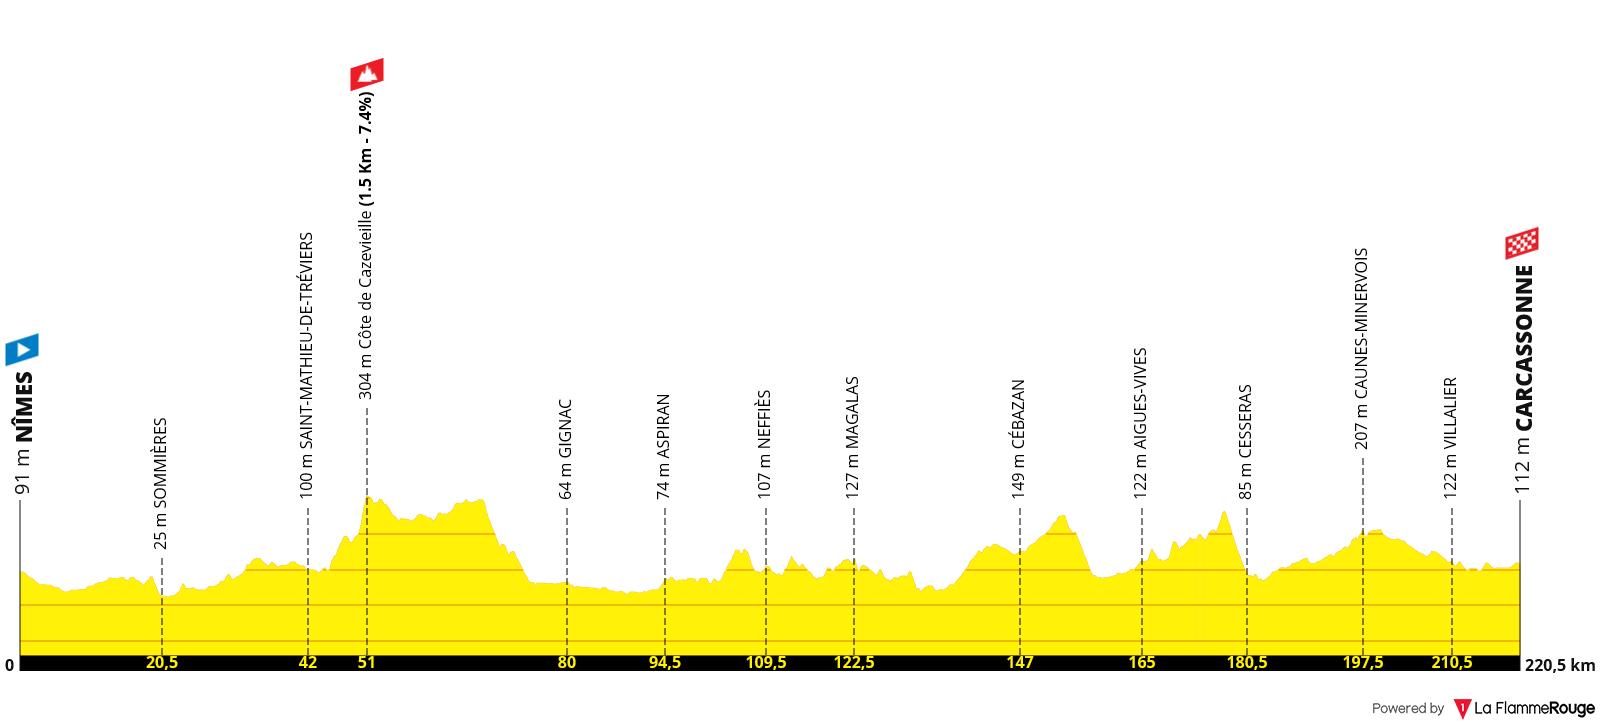 Etapa 13 - Tour de Francia 2021